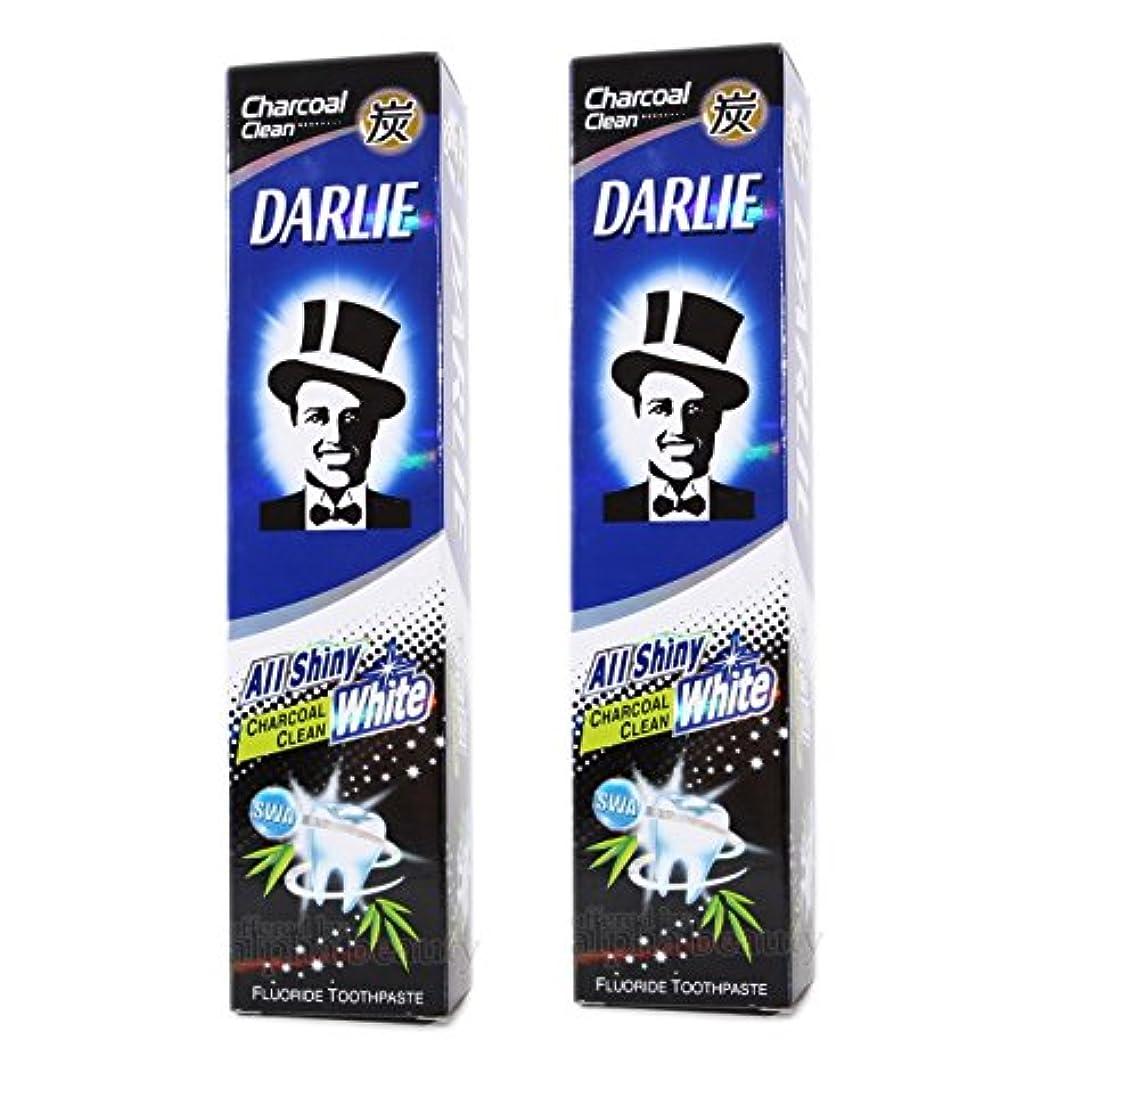 ポータル夫婦時間2 packs of Darlie Charcoal All Shiny Whitening Toothpaste by Darlie